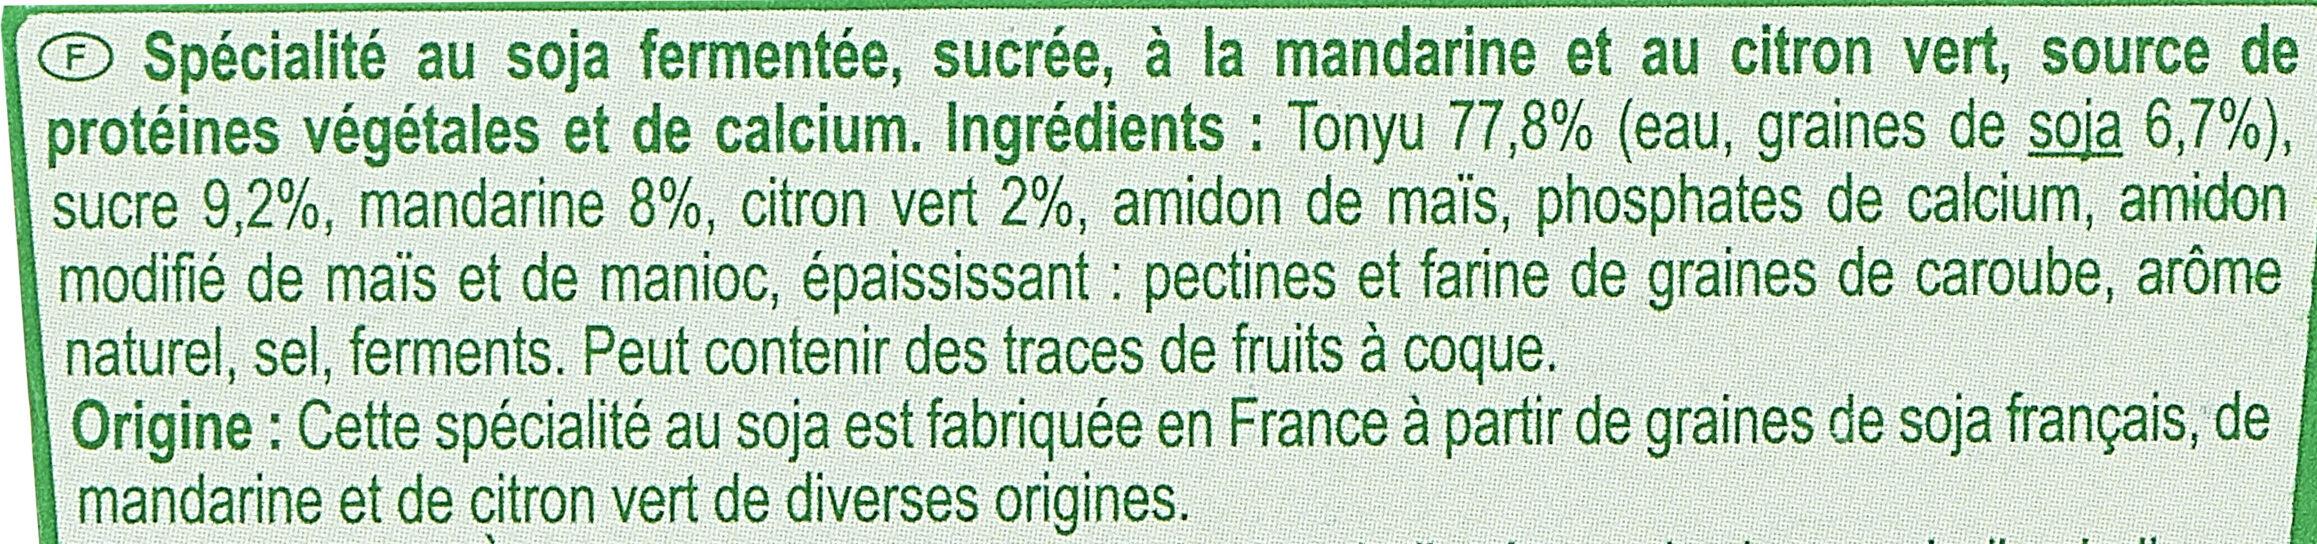 Sojamandarine - citron vert - Ingredients